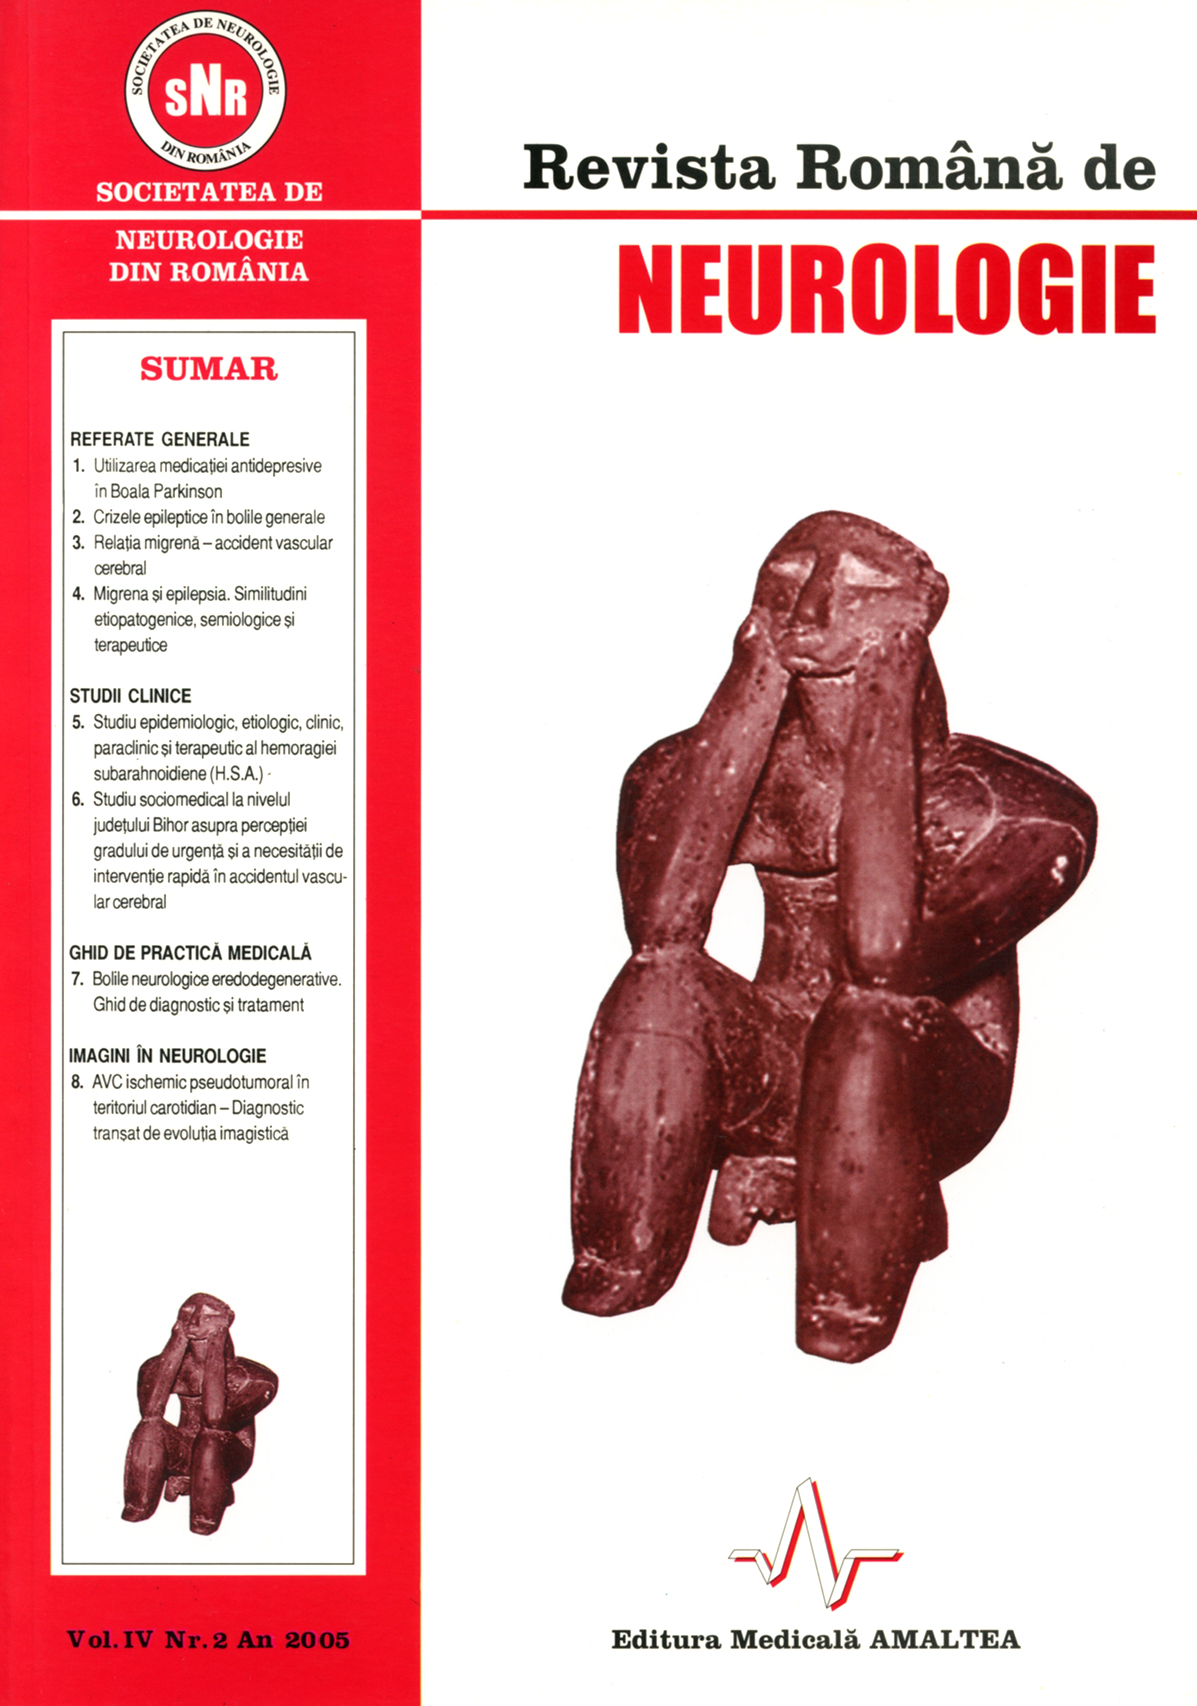 Romanian Journal of Neurology, Volume IV, No. 2, 2005